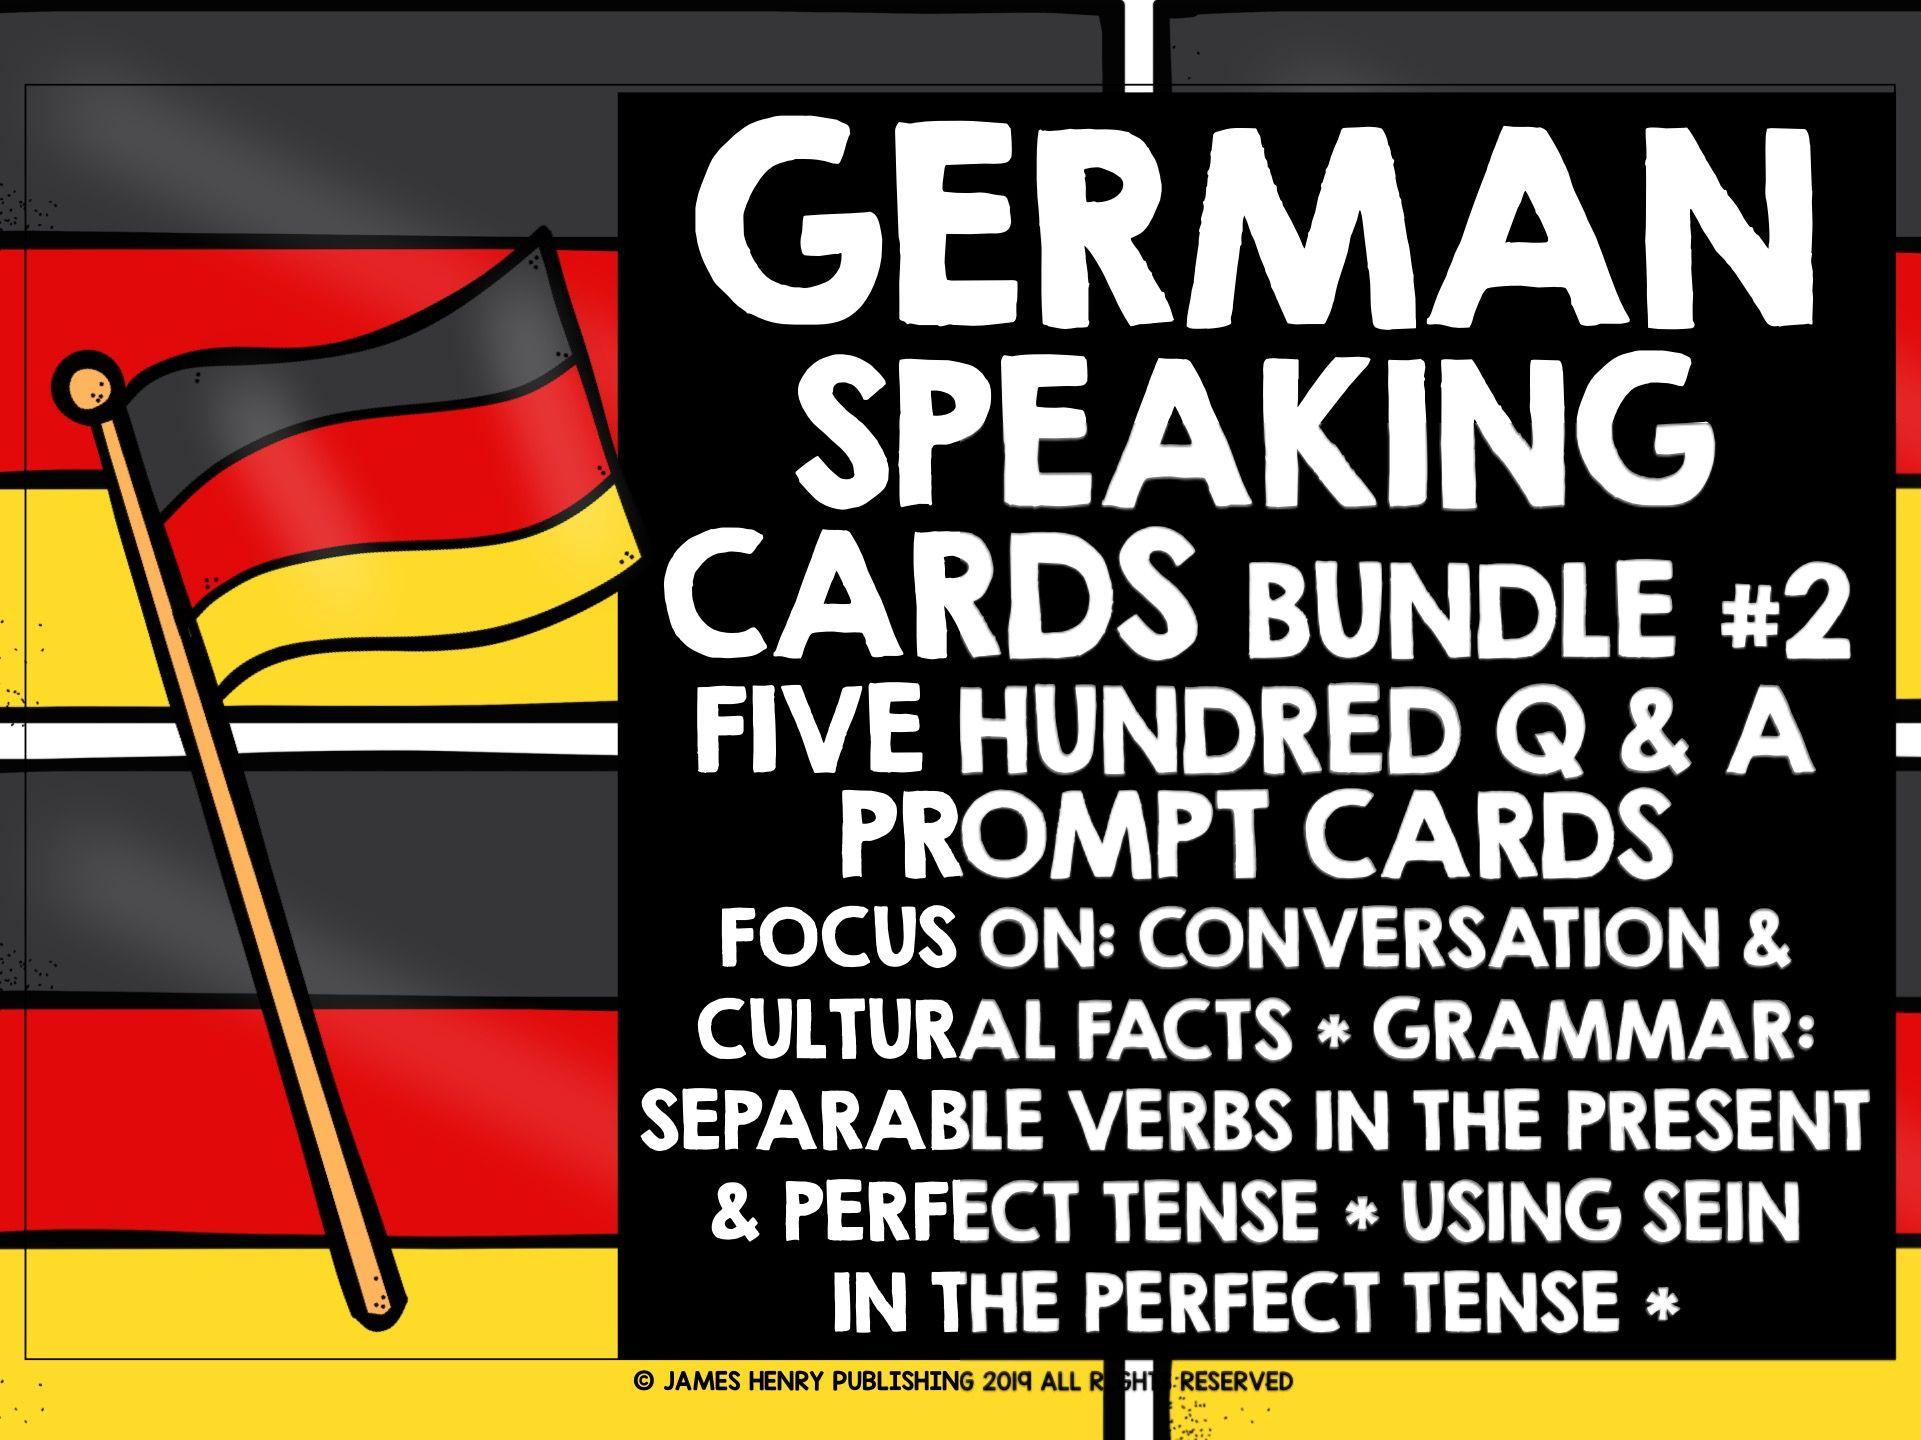 GERMAN SPEAKING PRACTICE BUNDLE #2